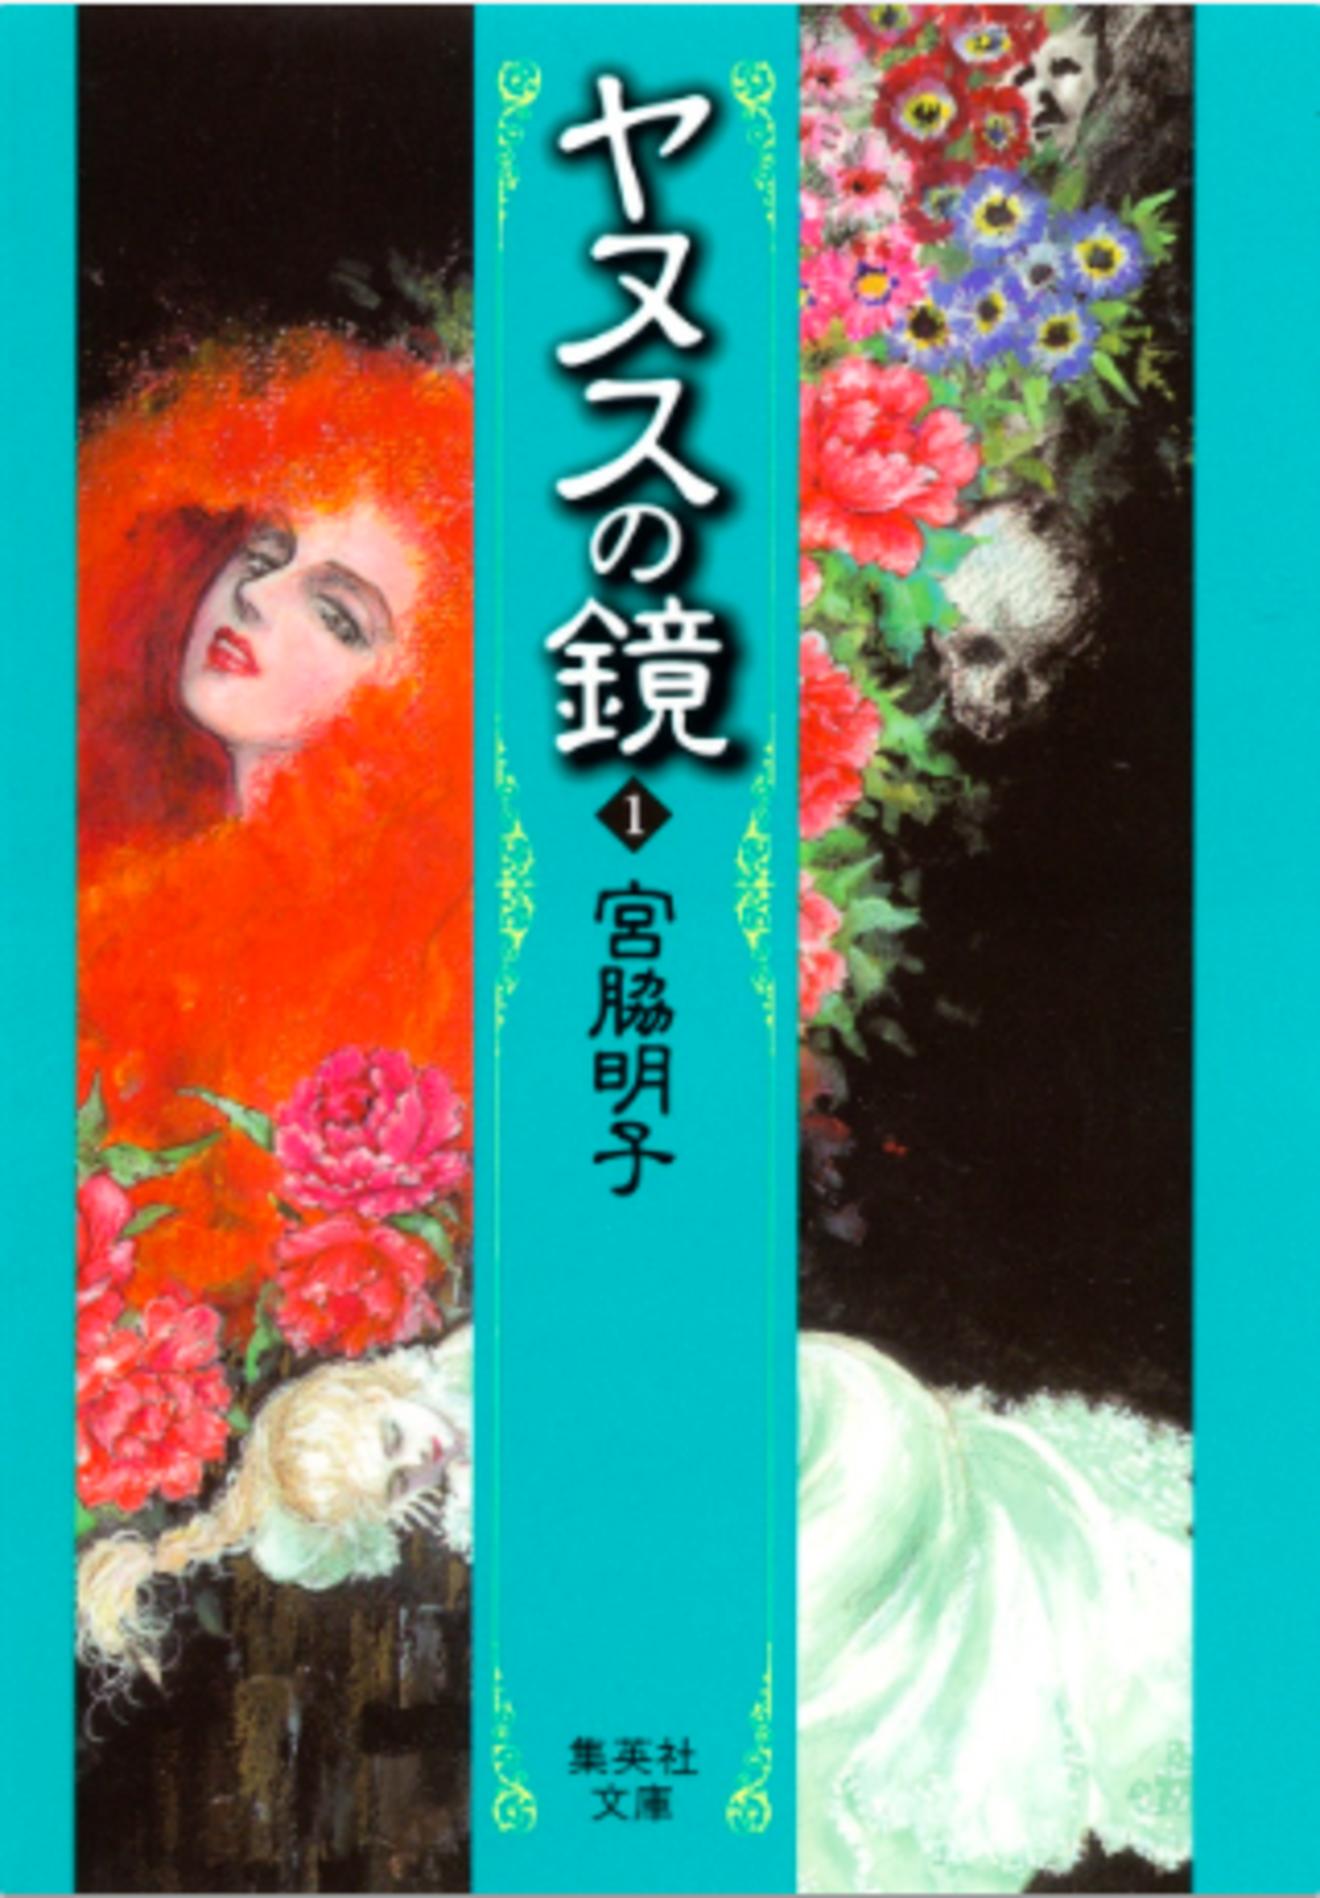 漫画『ヤヌスの鏡』を「メタモルフォセス」まで考察!34年ぶりドラマ化!